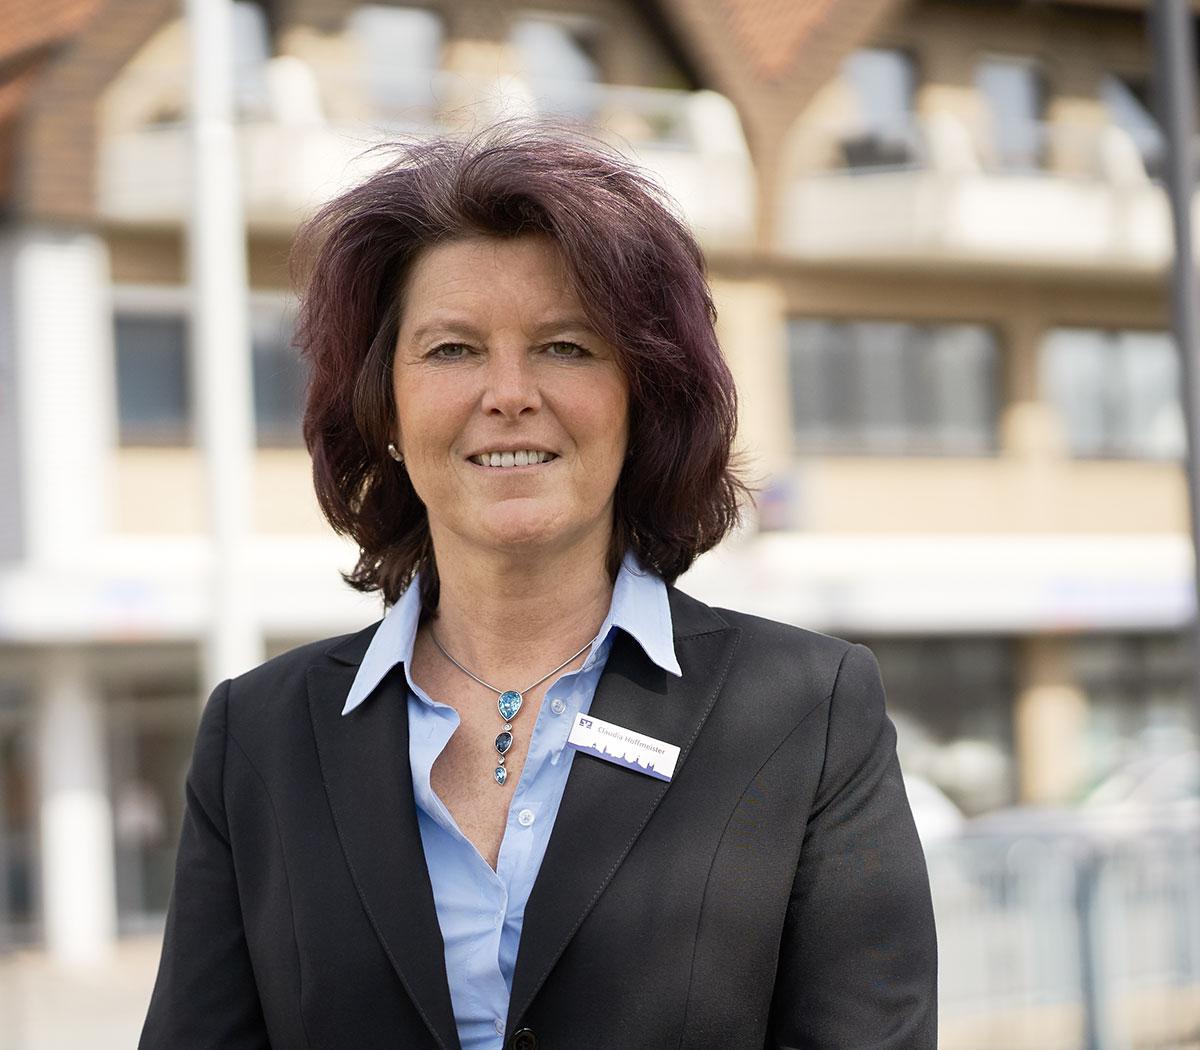 Claudia Hoffmeister